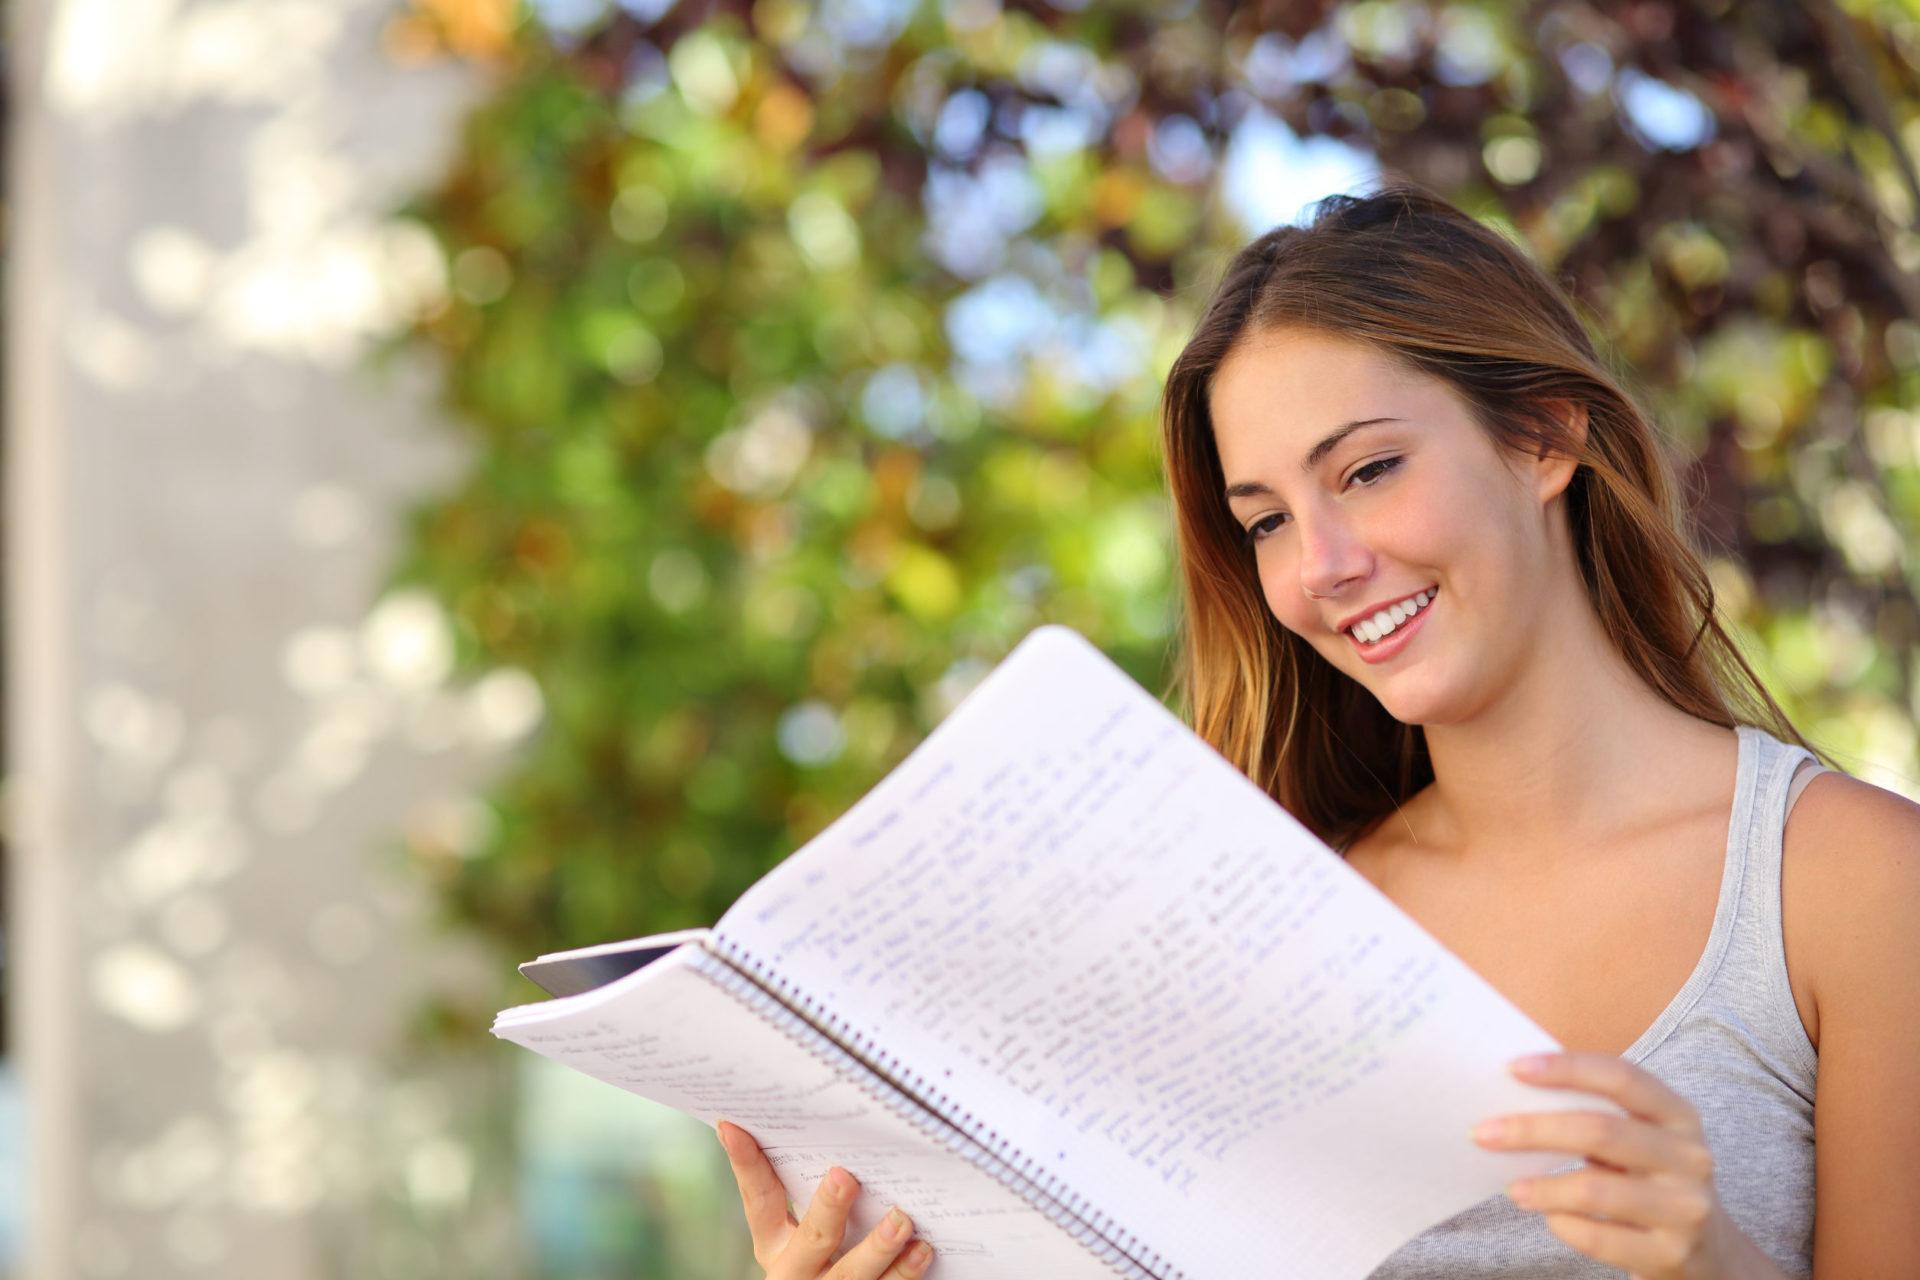 Cursos intensivos de inglés para conseguir el certificado APTIS este verano